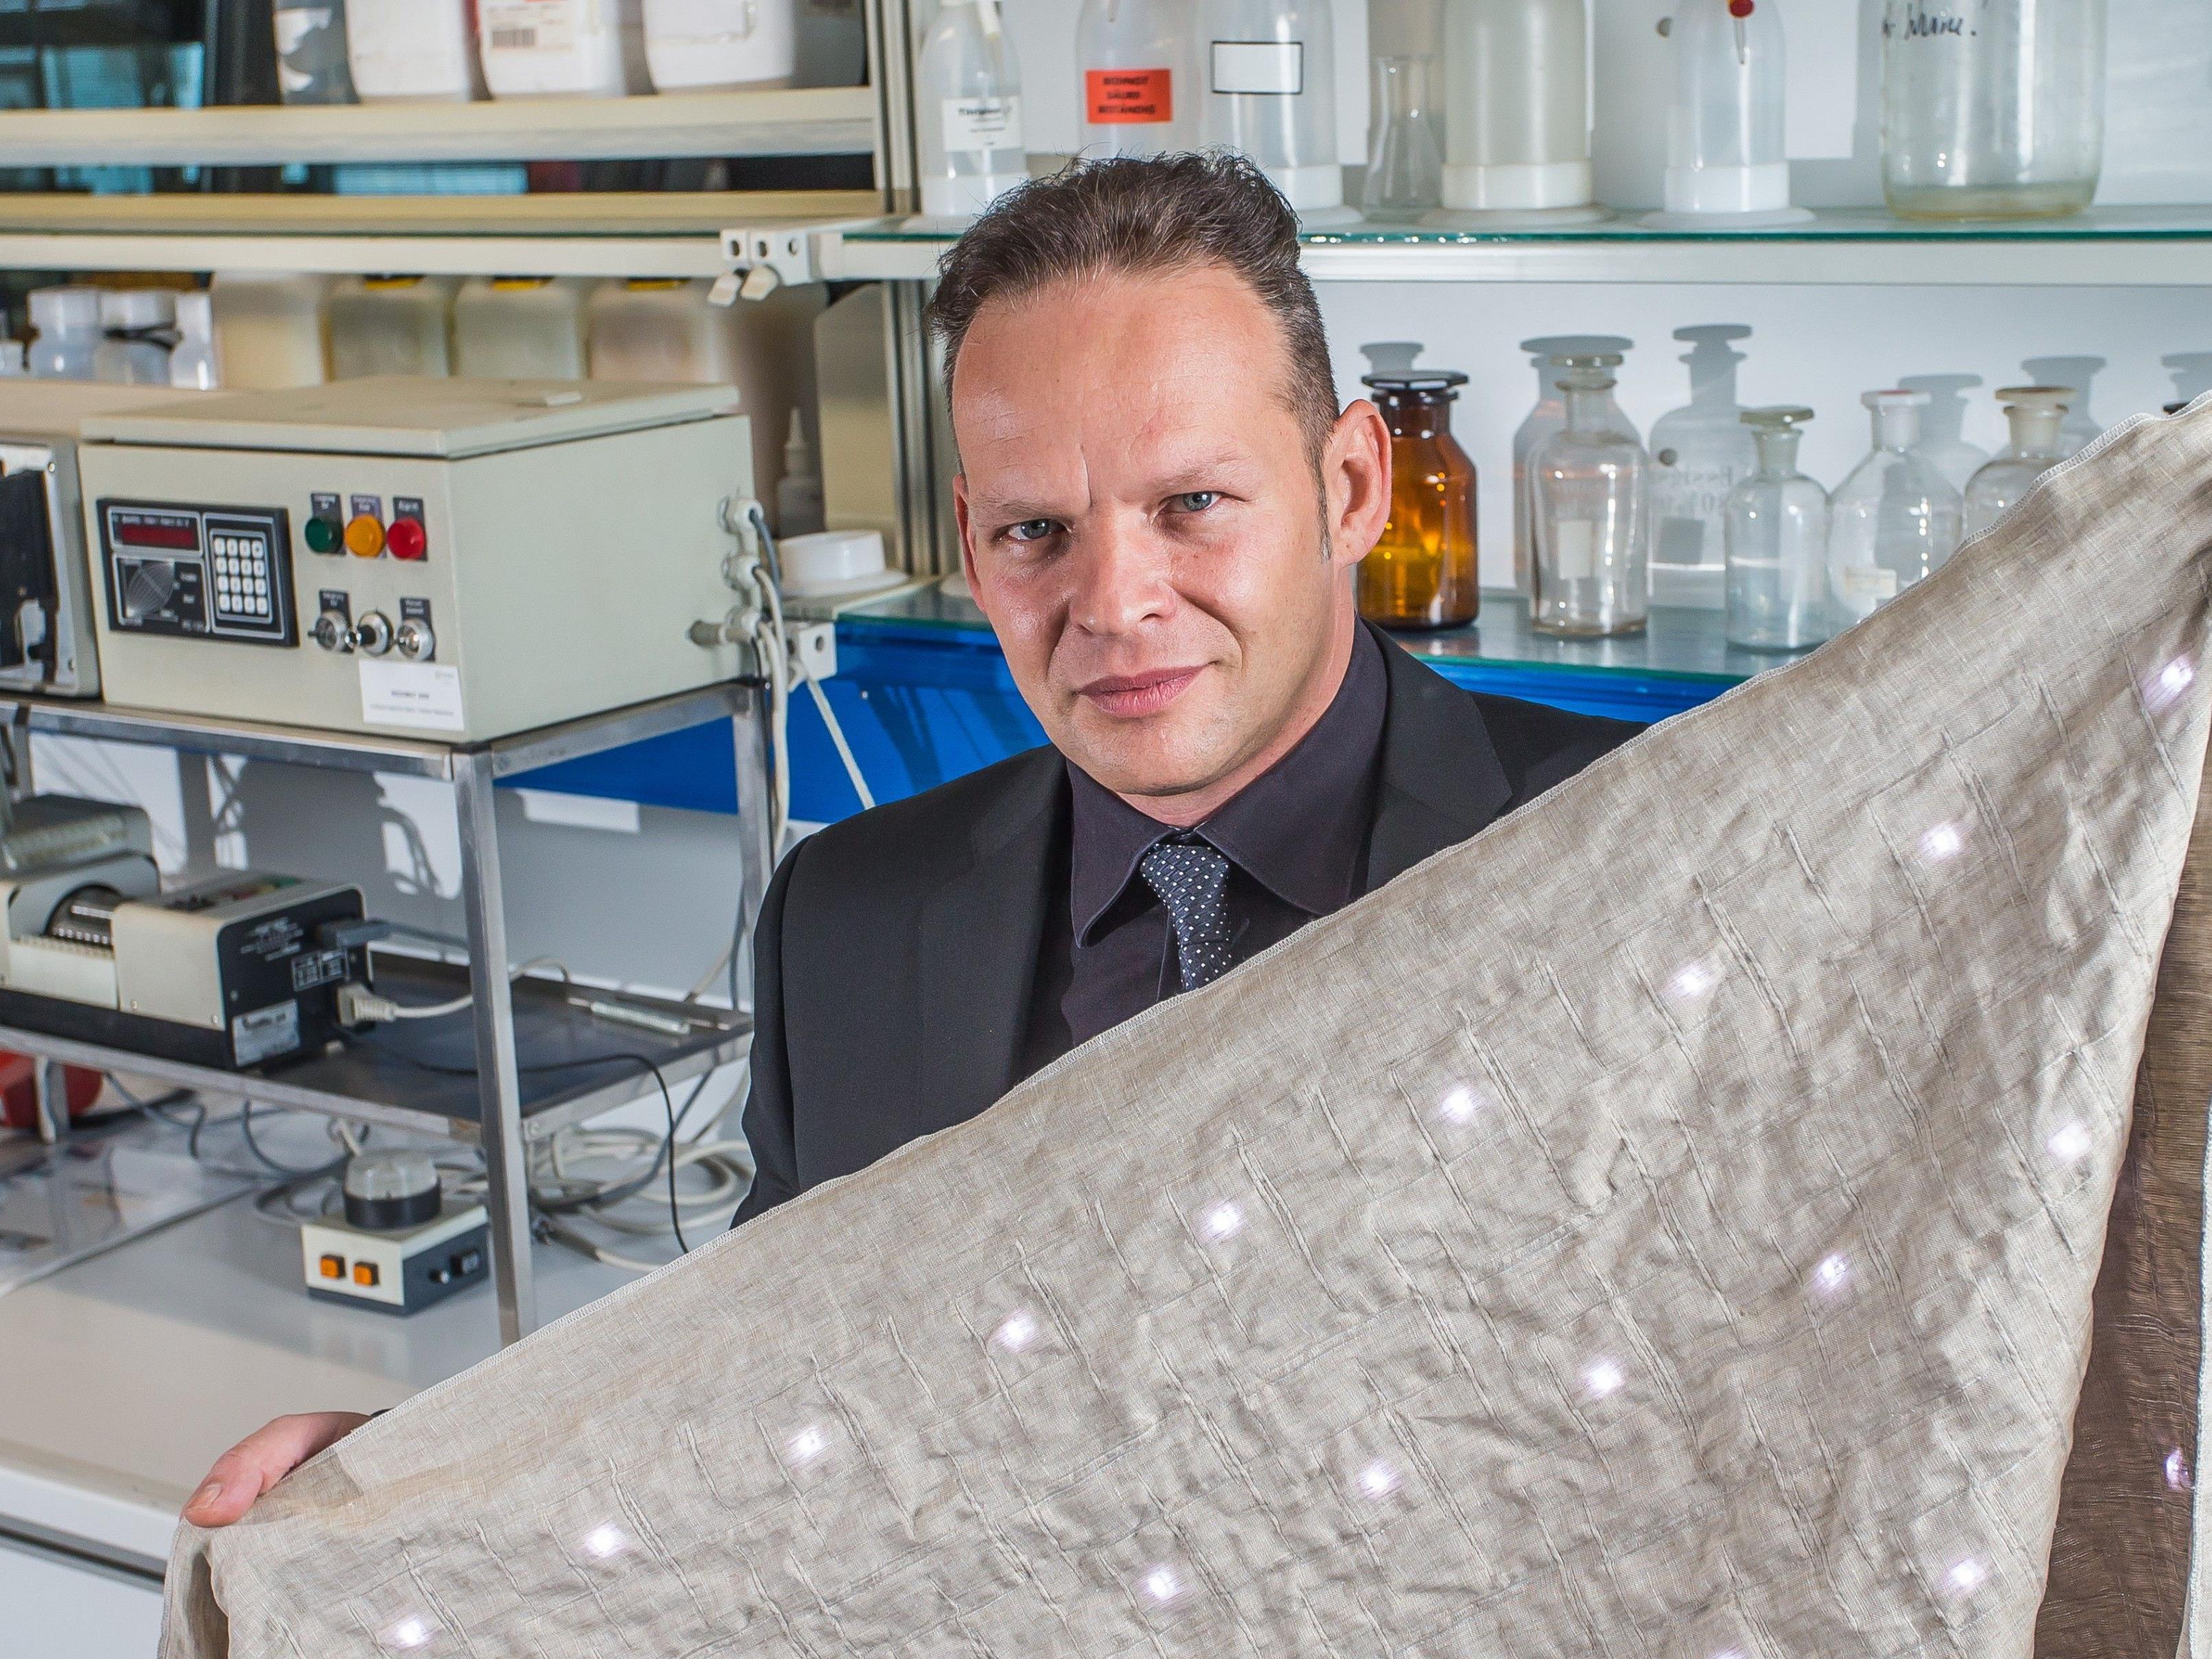 Laut dem Unternehmer Günter Grabher könnte Gore-Tex schon längst umweltfreundlich produzieren